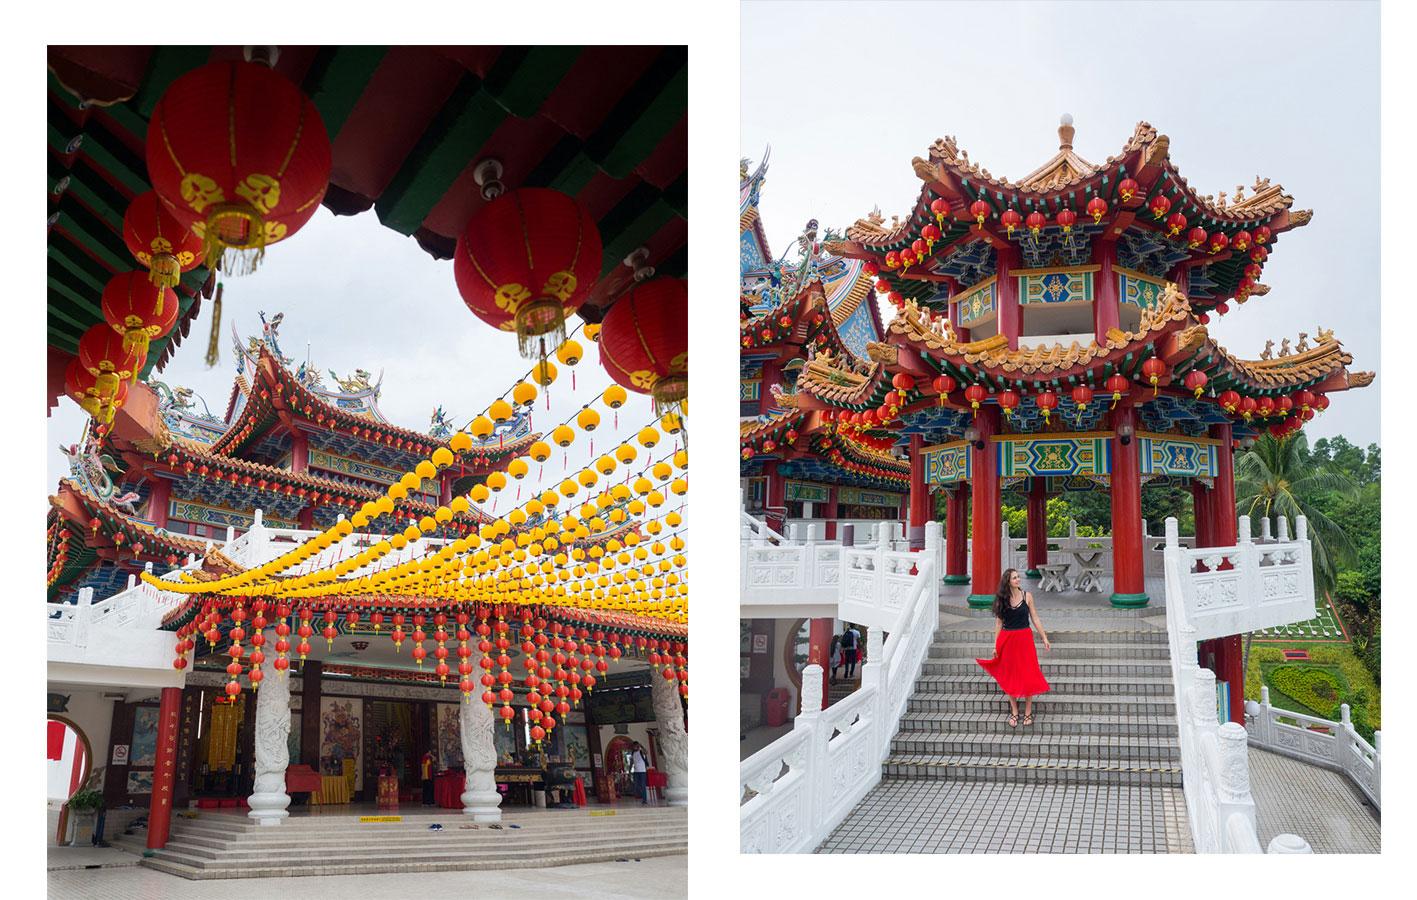 kuala lumpur malaysien thean hou temple 8 - Highlights für einen Stopover in Kuala Lumpur – Was ihr in 24 Stunden unbedingt sehen müsst